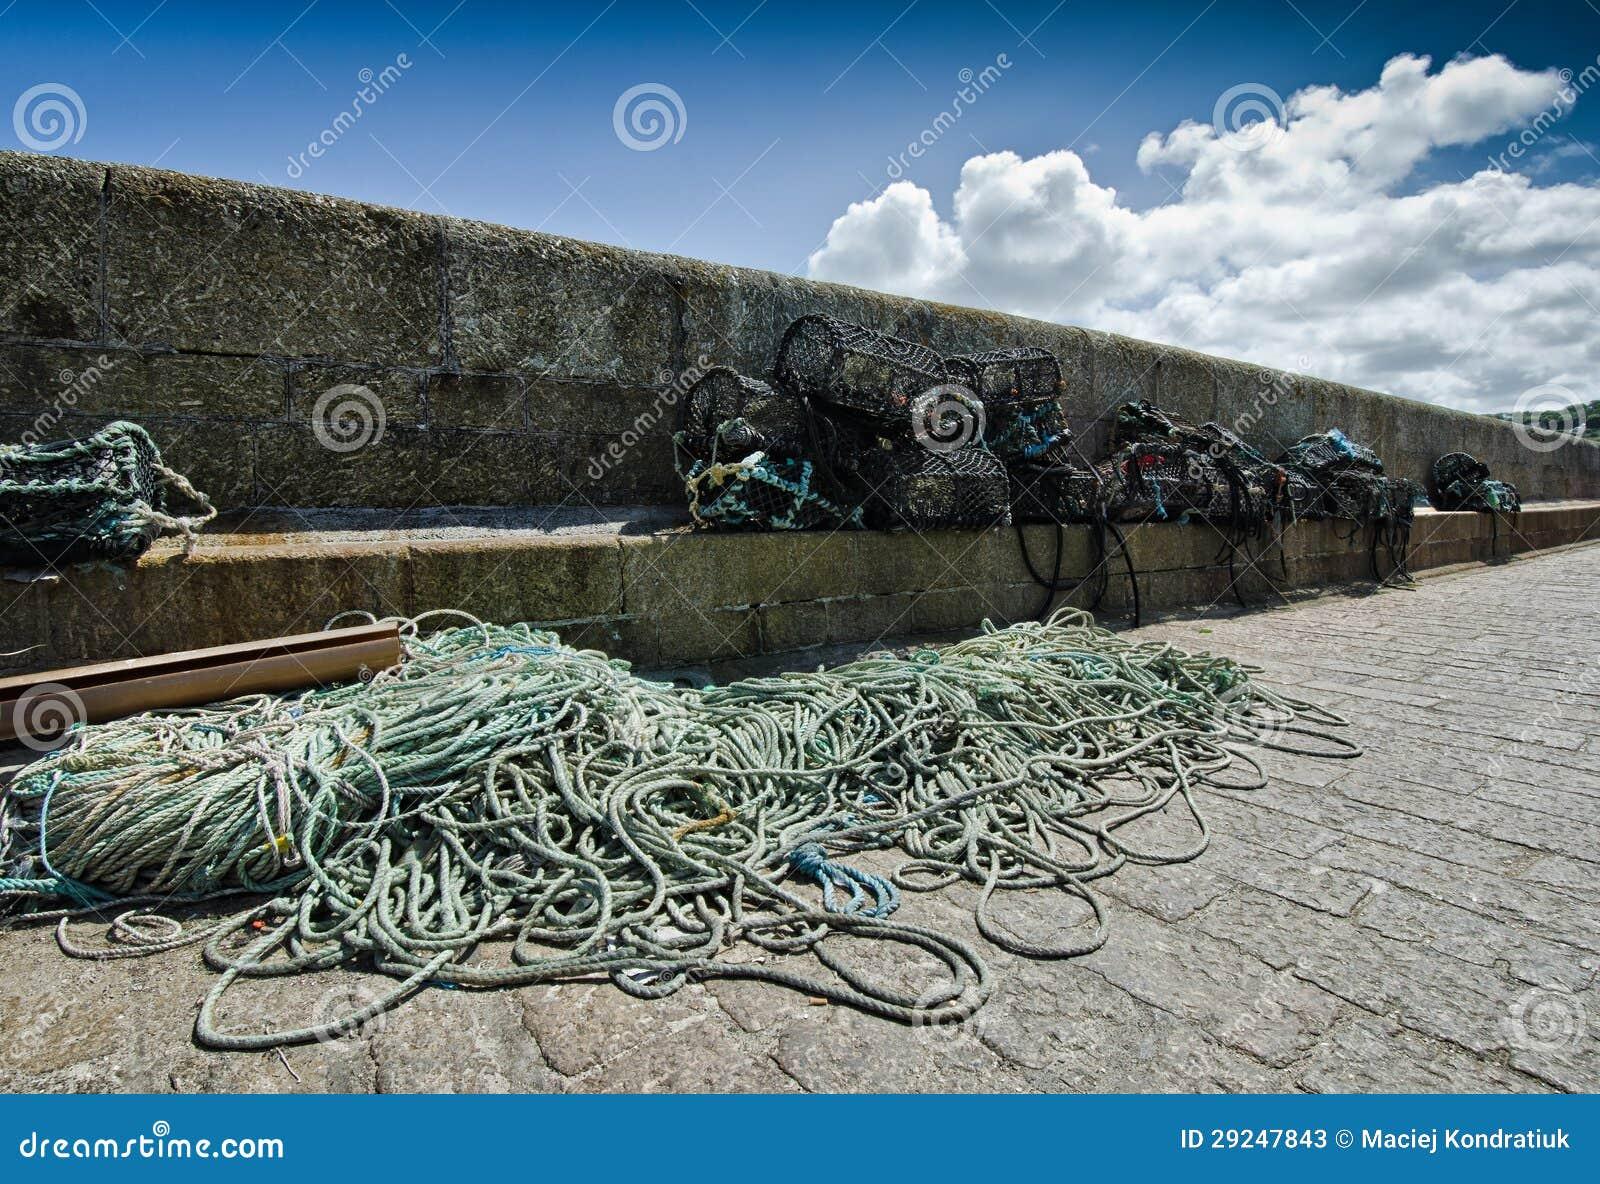 Download Redes de pesca imagem de stock. Imagem de barco, indústria - 29247843